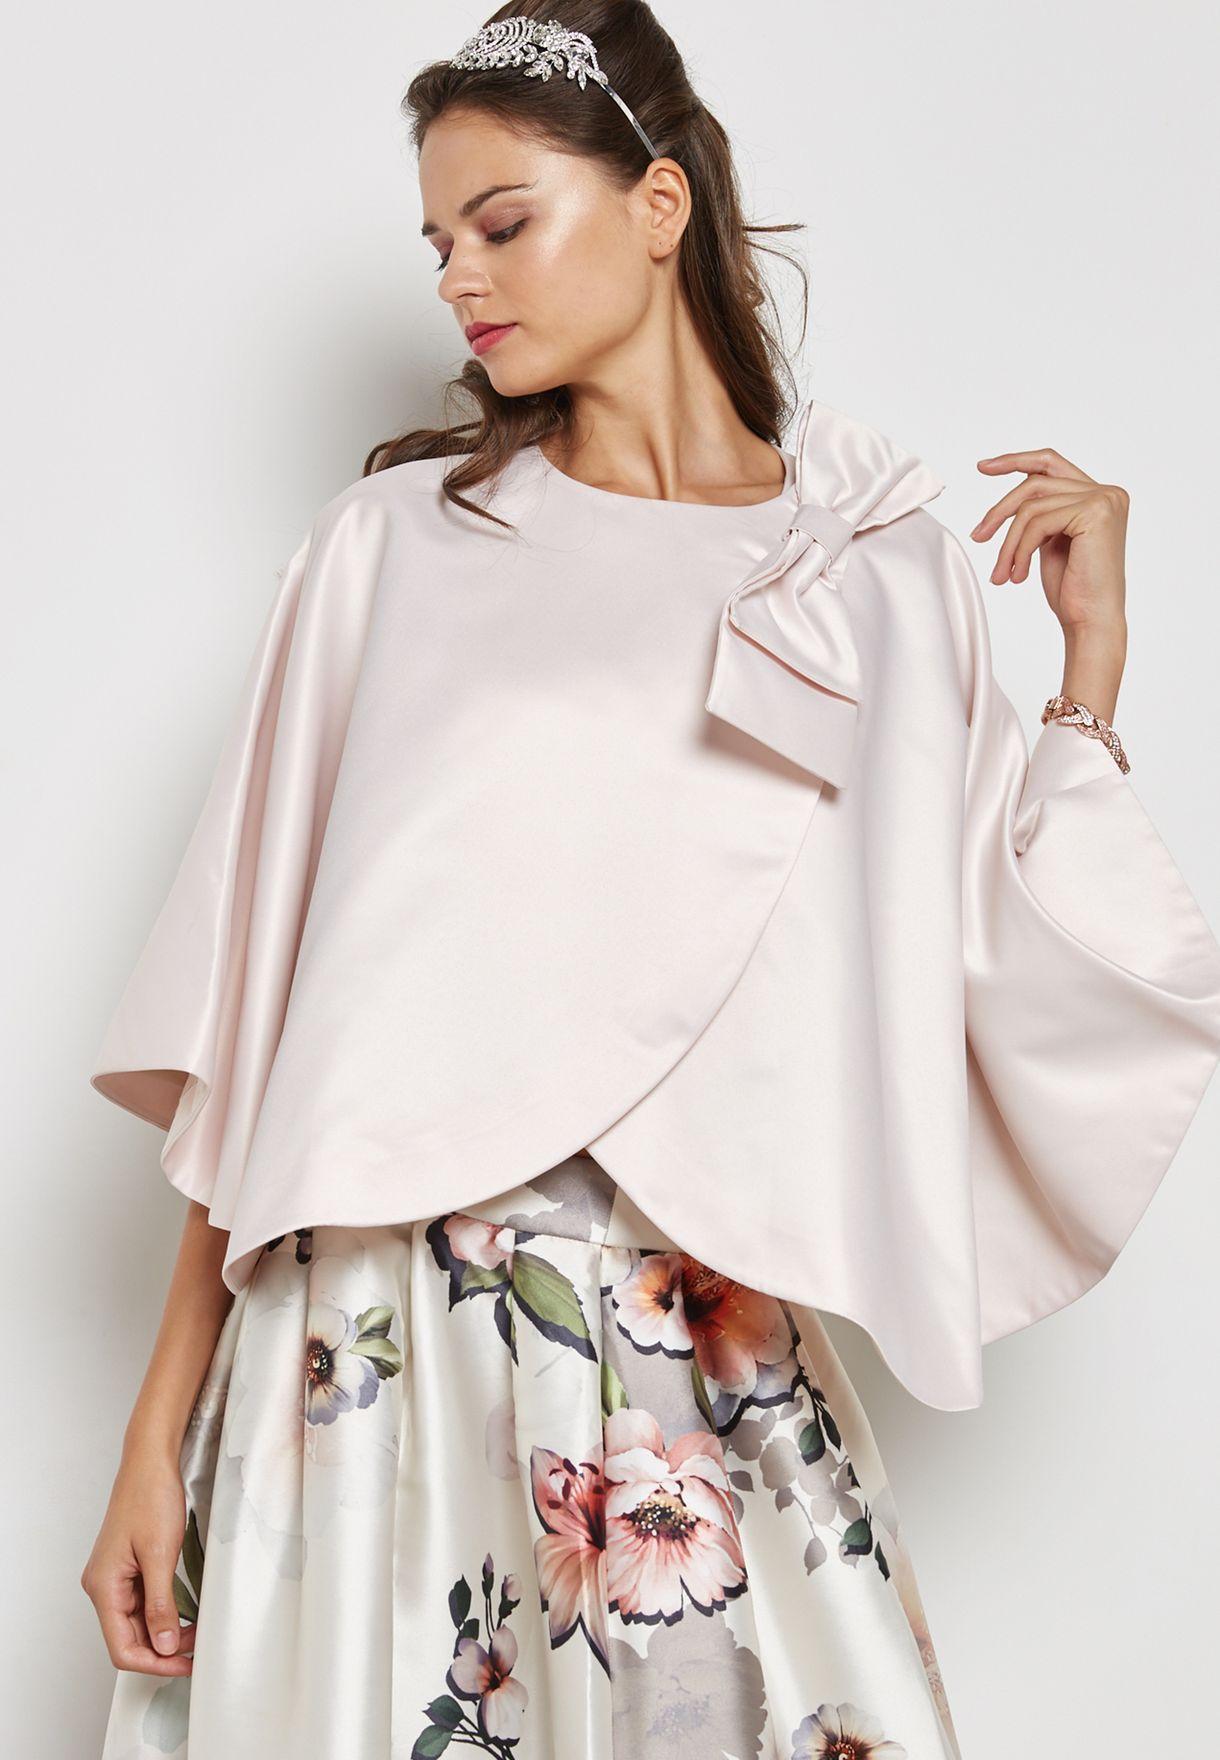 Shop Anotah Pink Bow Detail Cape Jacket 17Fjac L54544 For Women